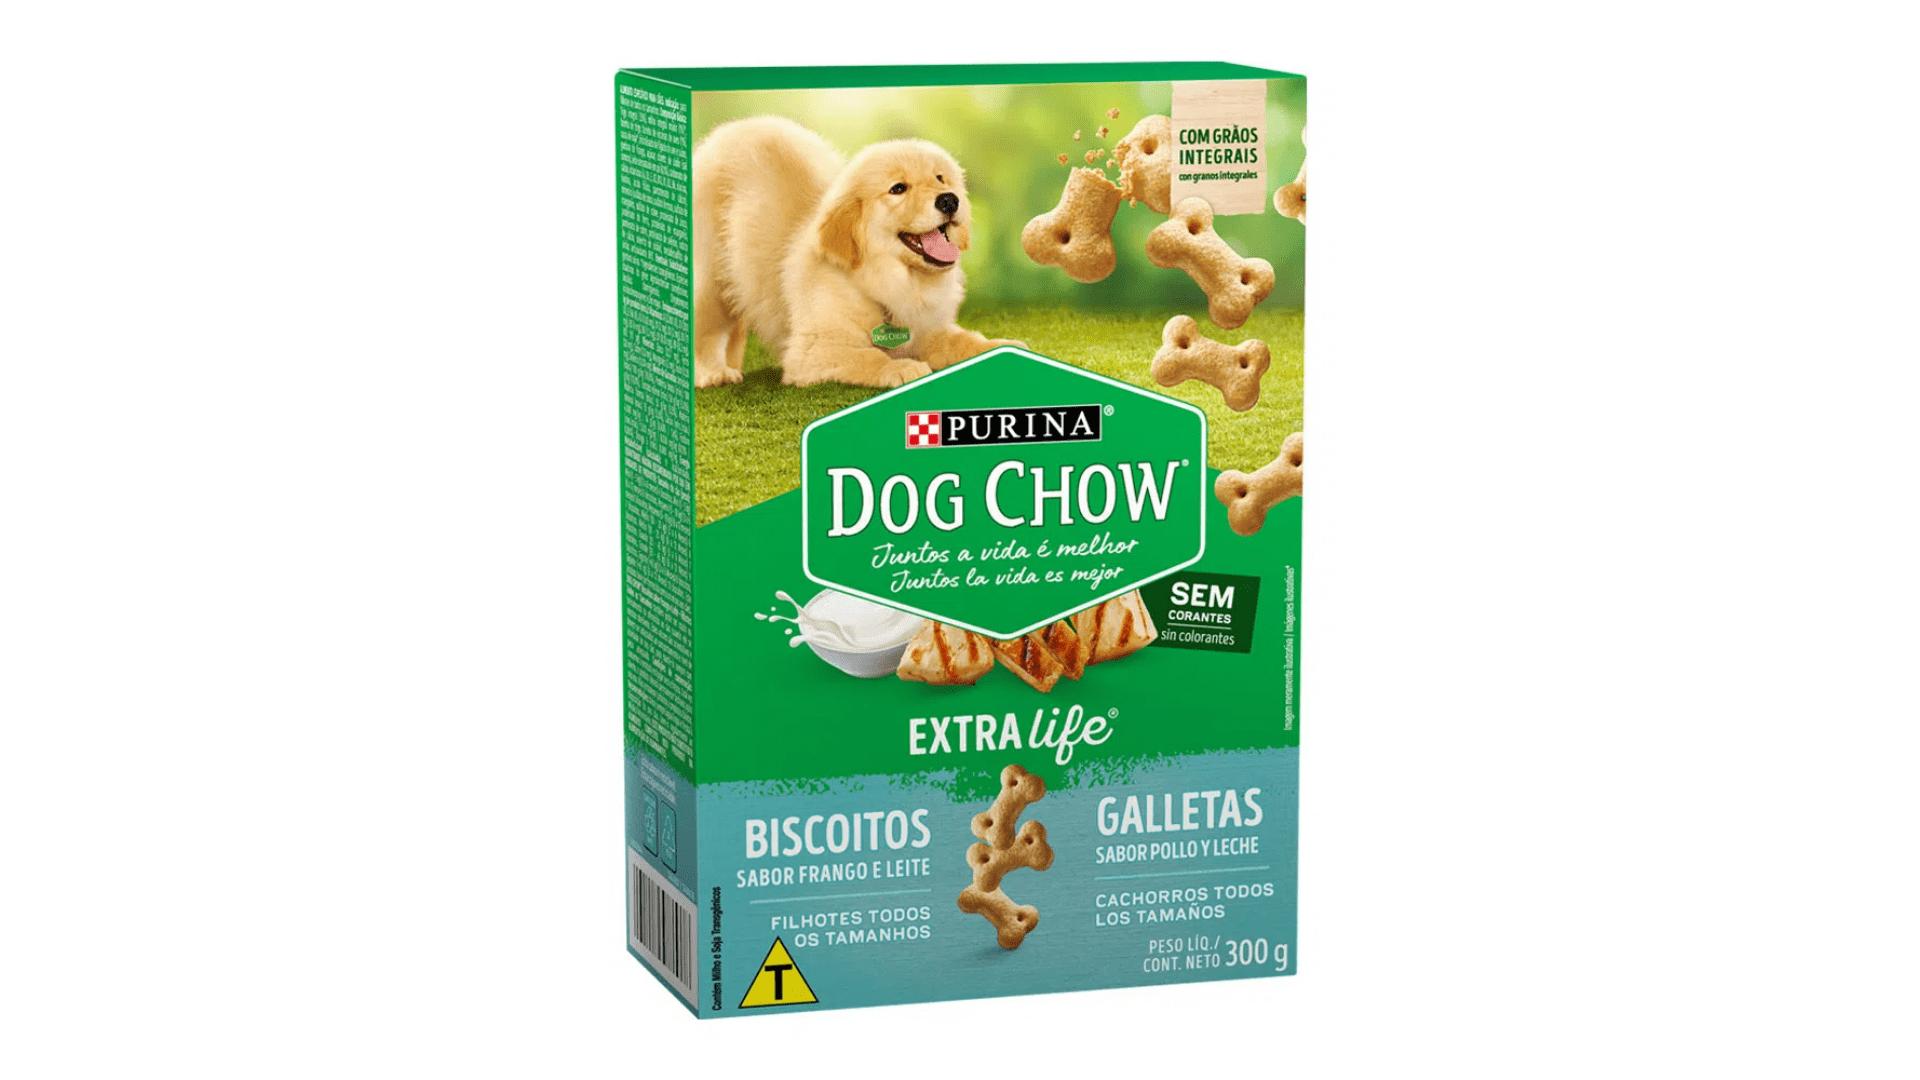 O biscoito Dog Chow Carinhos tem sabores naturais de frango e leite (Imagem: Divulgação/Dog Chow)